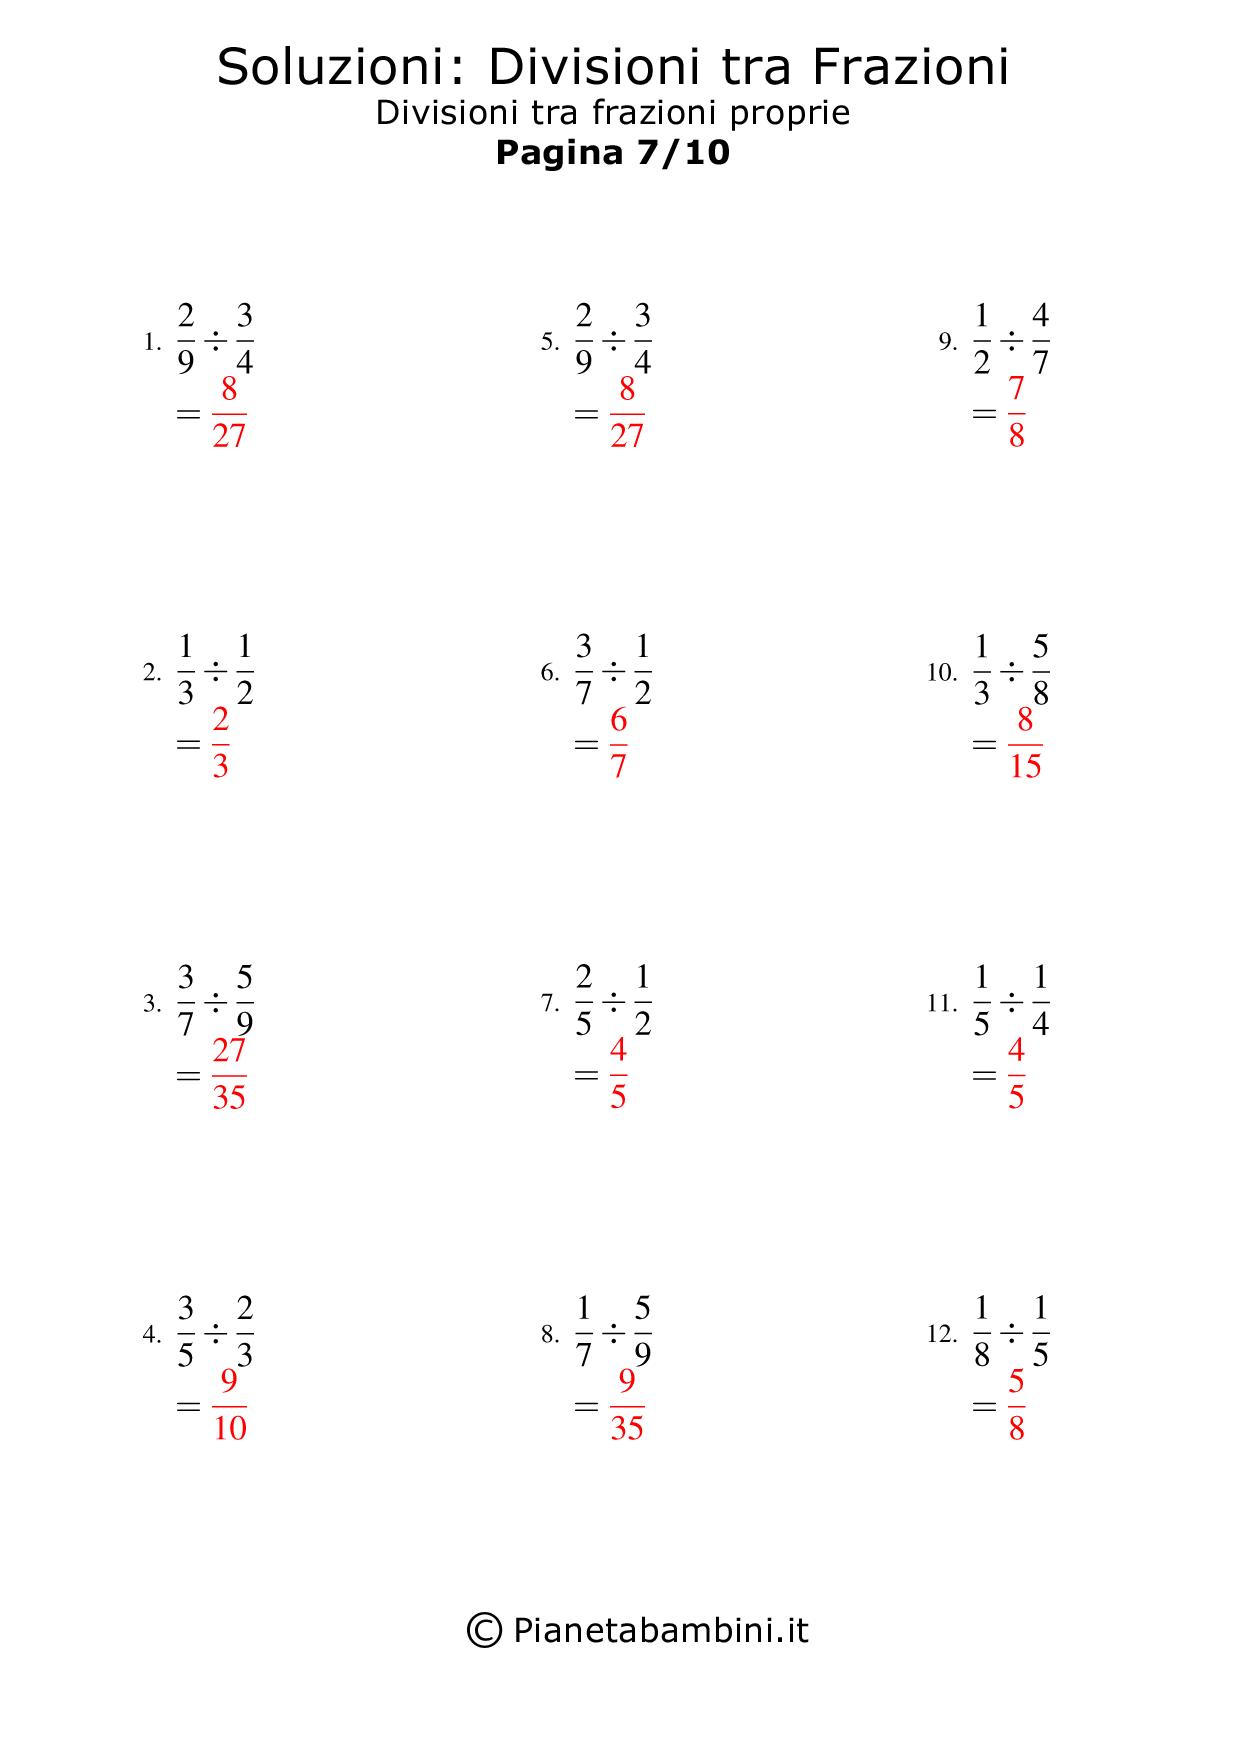 Soluzioni-Divisioni-Frazioni-Proprie_07